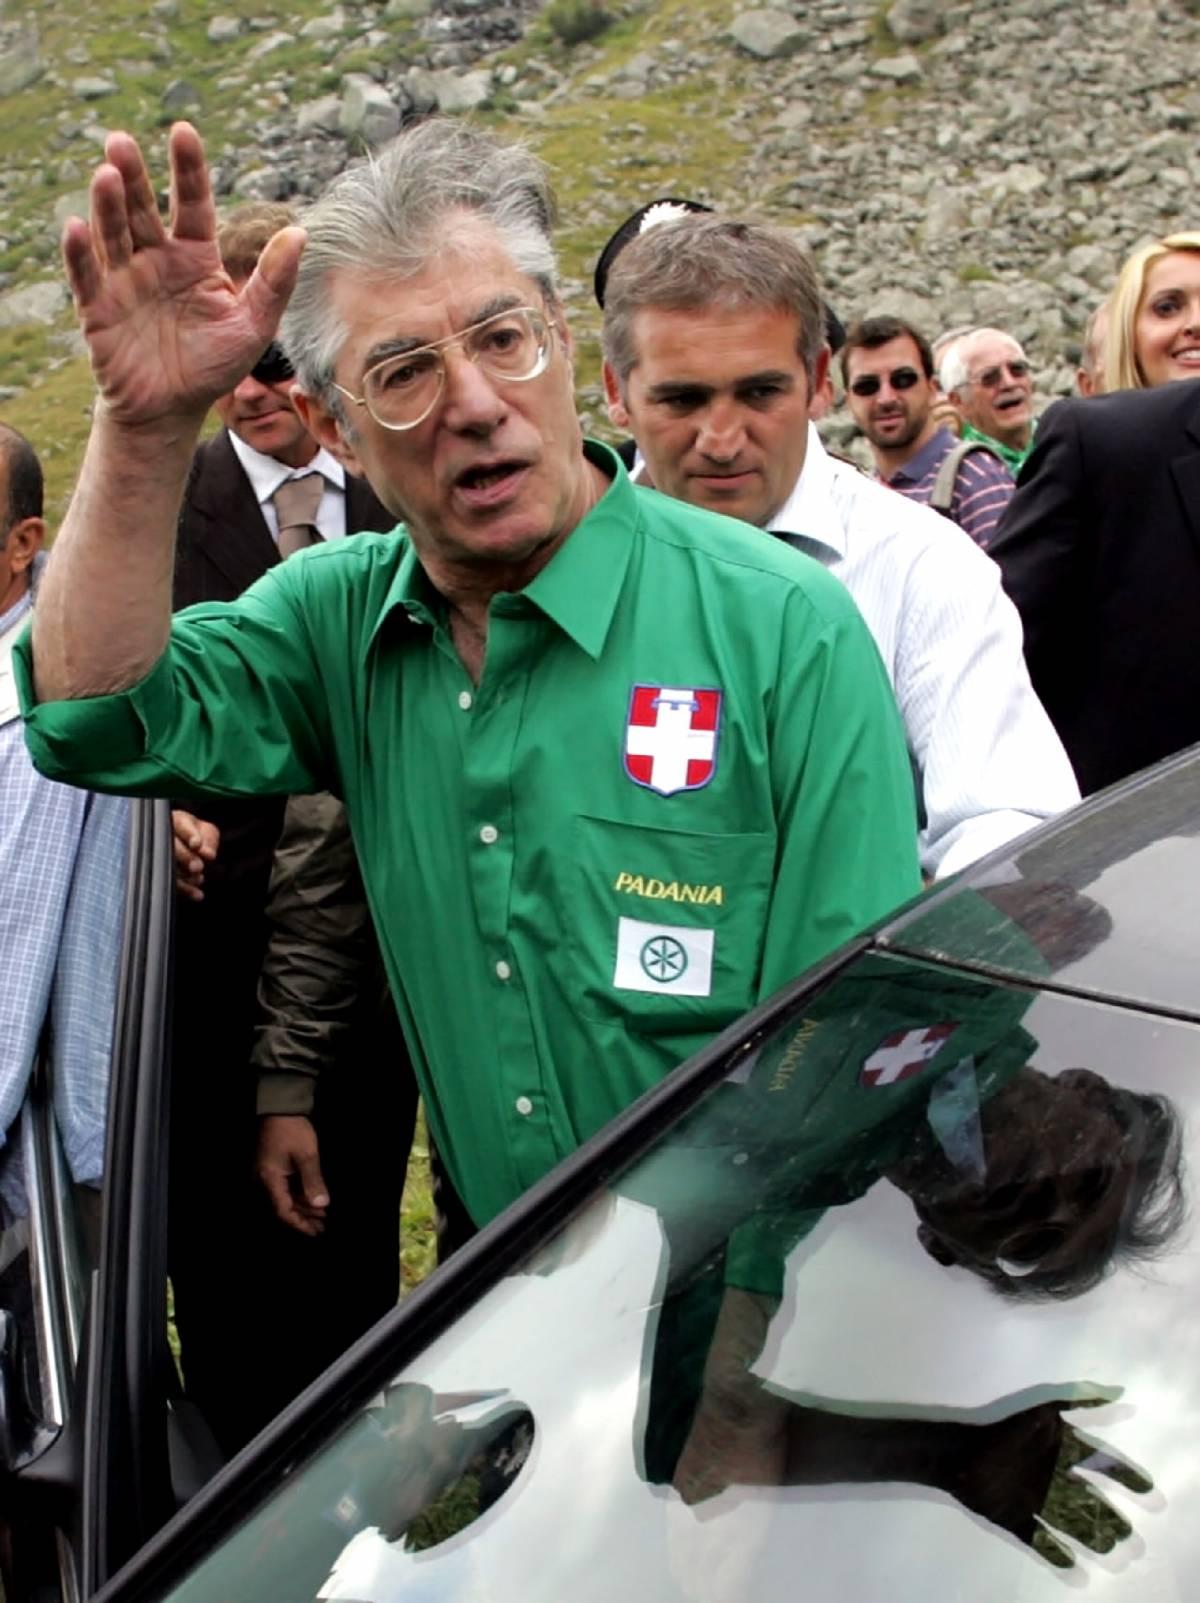 """Tricolore, Bossi: """"Per me solo bandiera padana"""""""